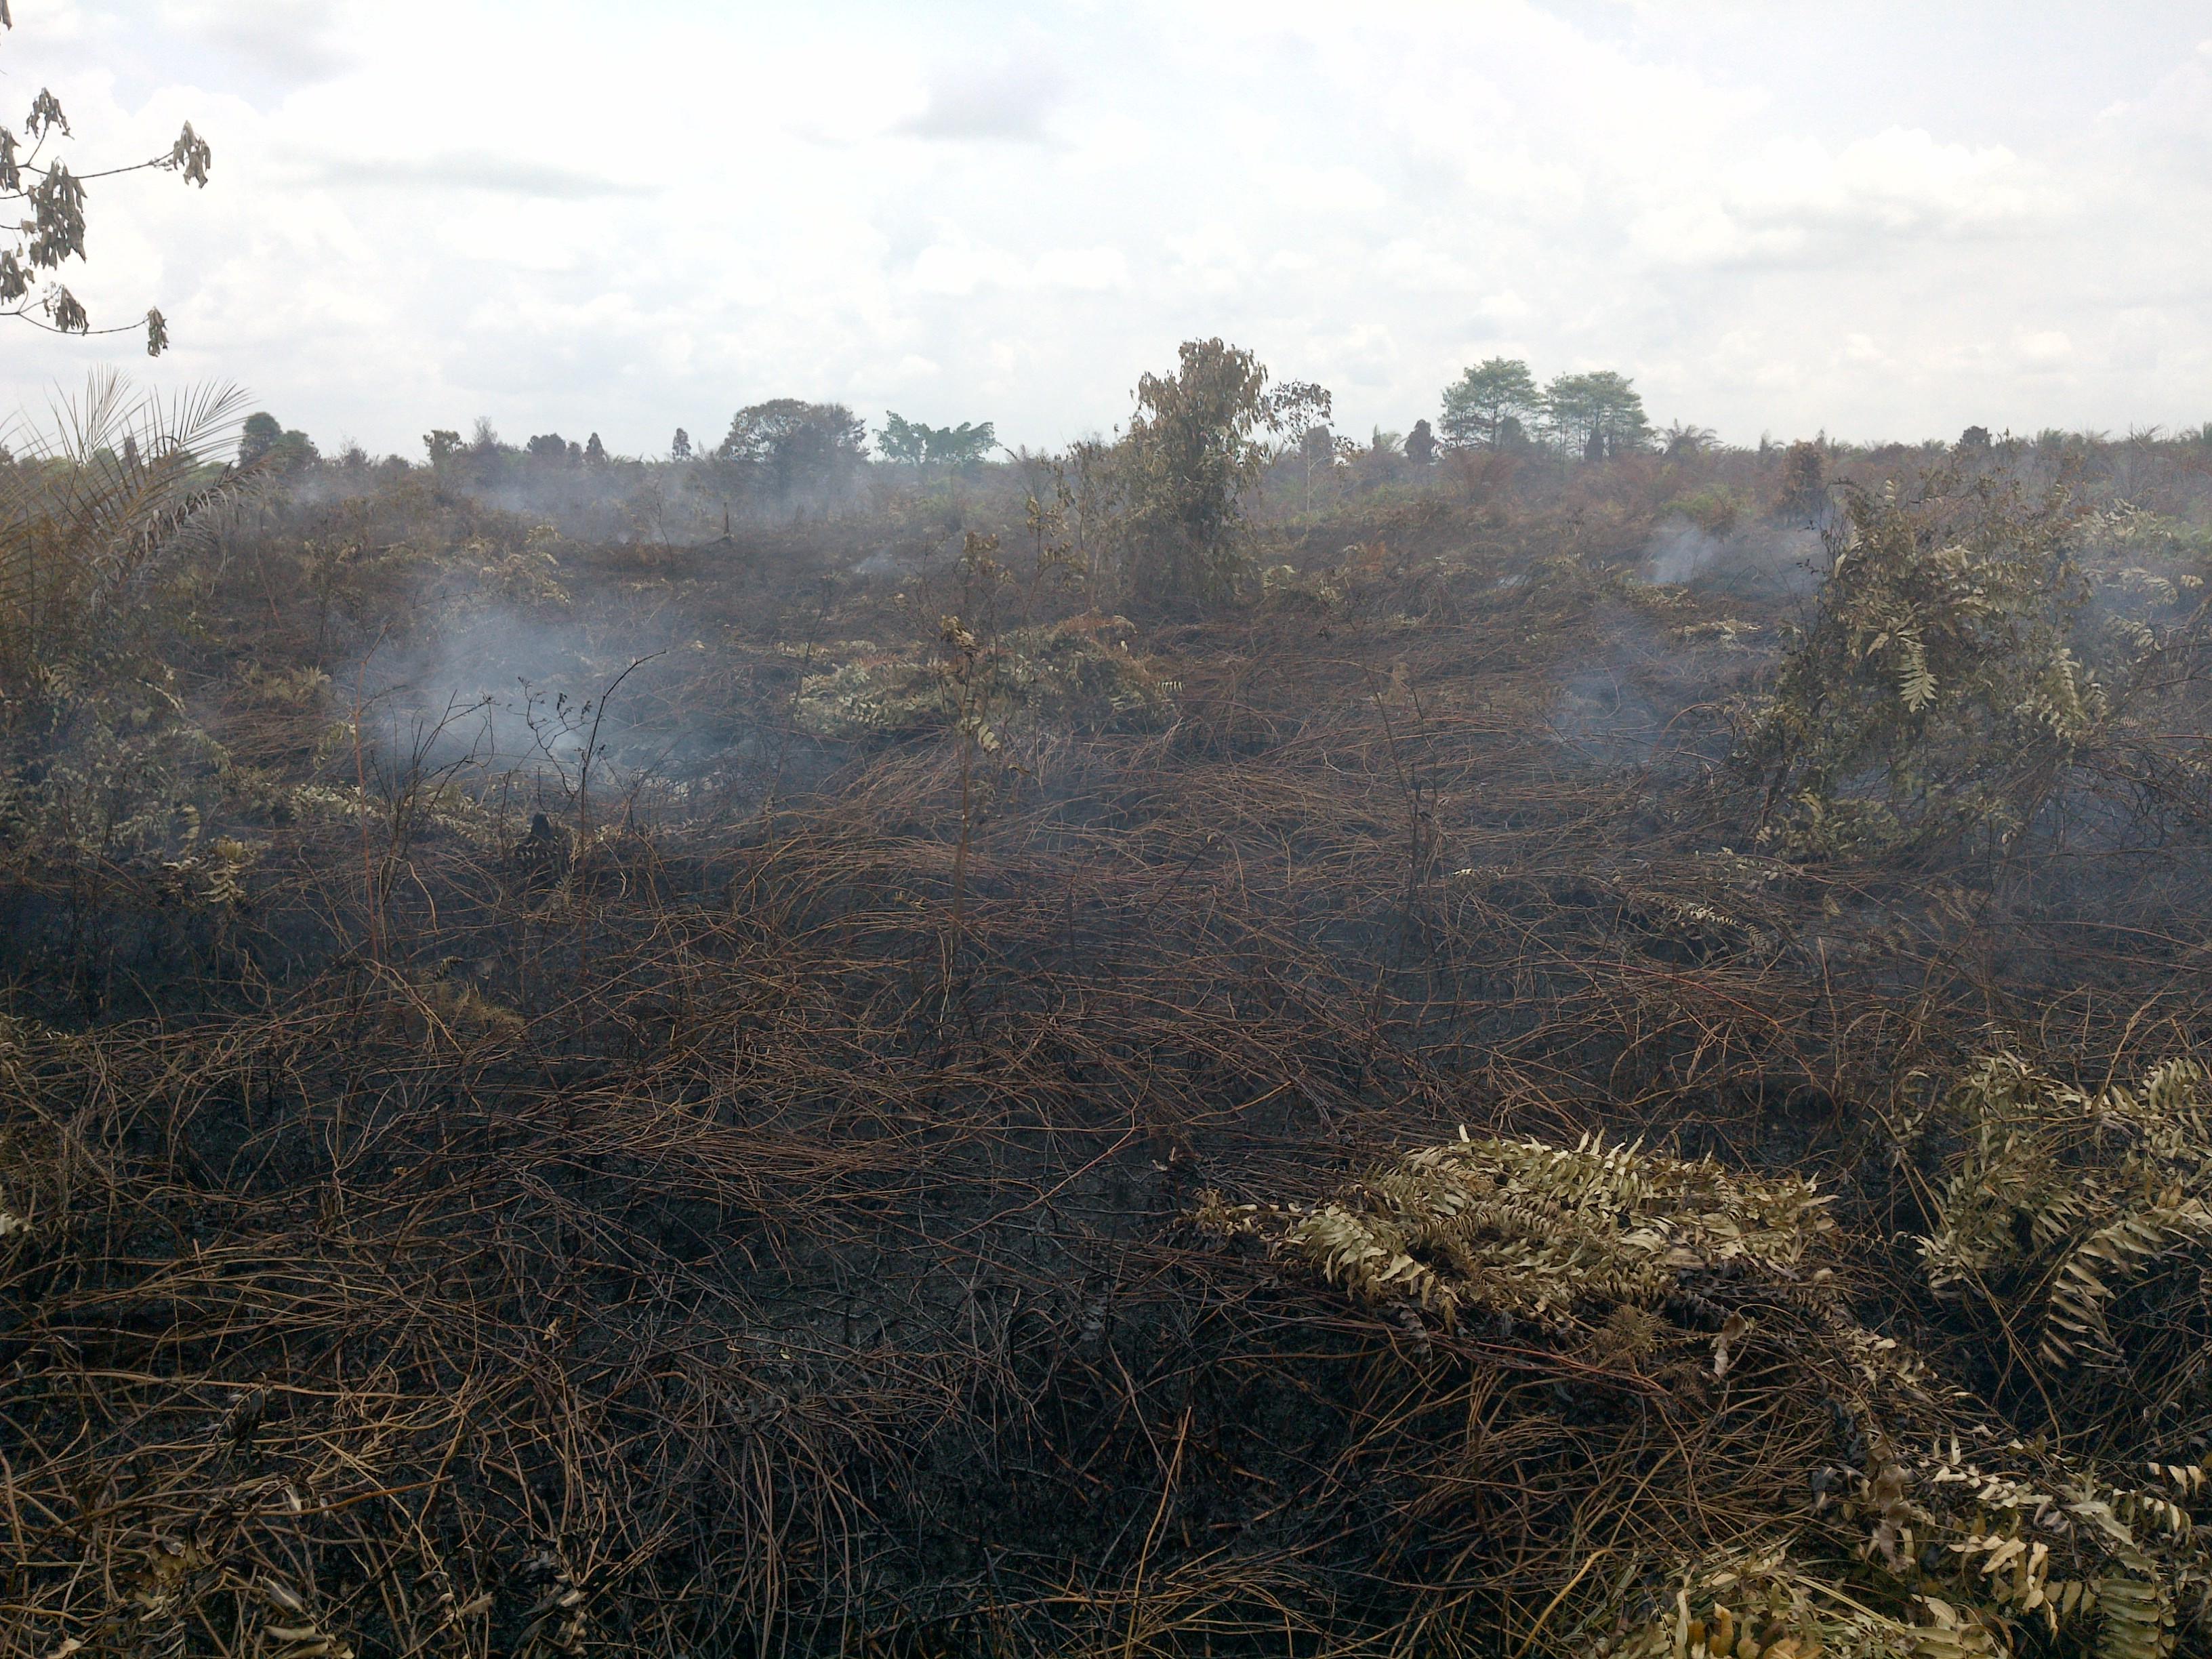 Kebakaran hutan dan lahan di eks konsesi PT Rimba Rokan Perkasa pada tutupan lahan semak  belukar dan tanaman sawit ©Eyes on the Forest, 2021